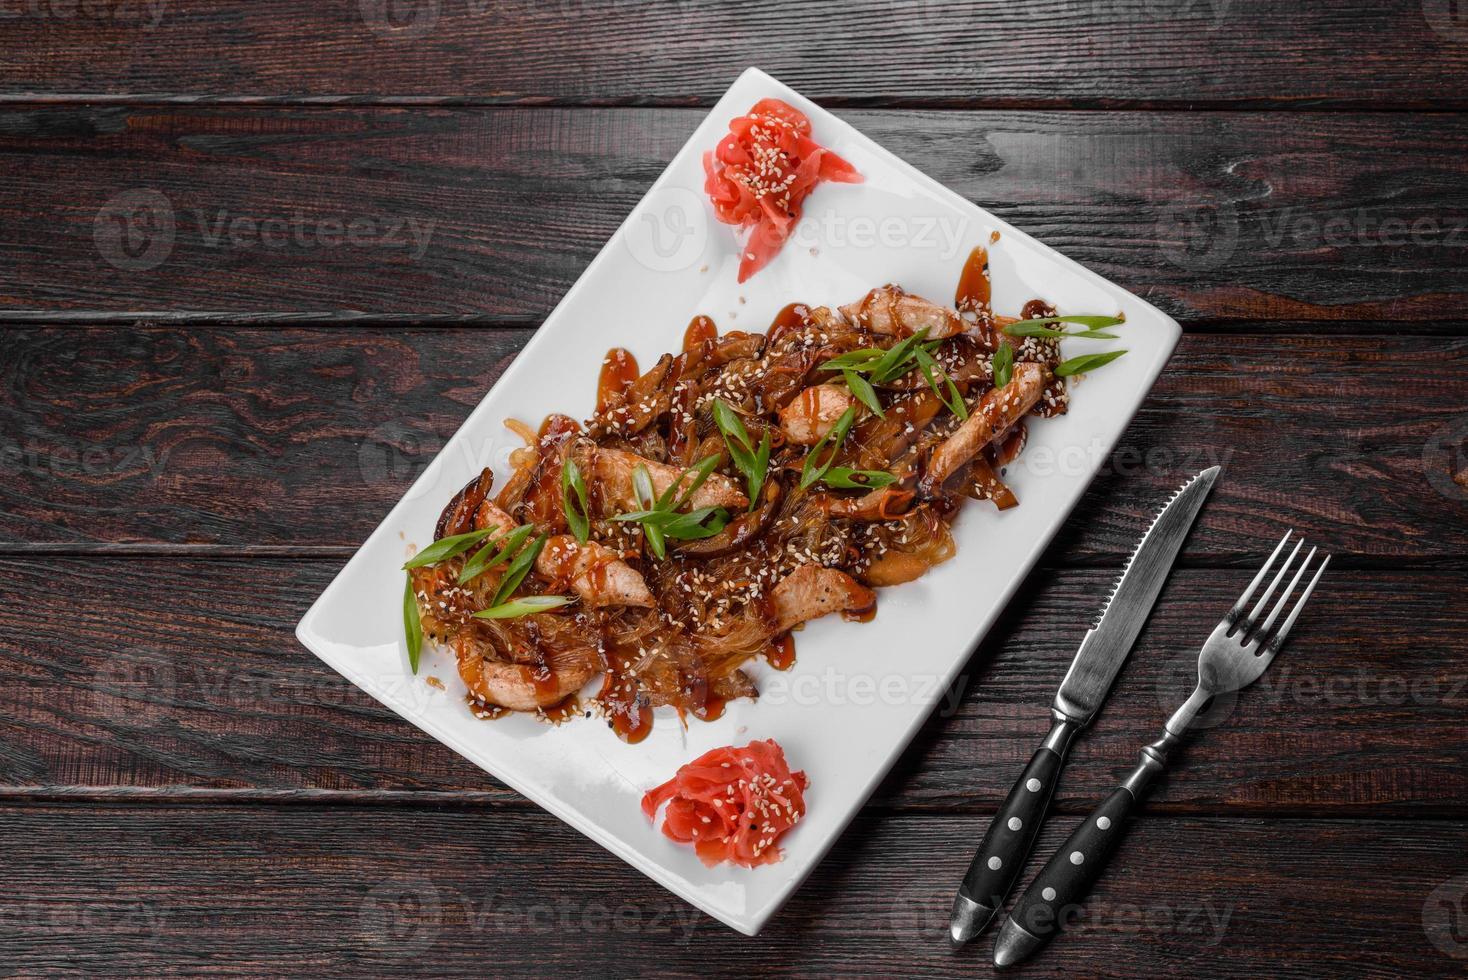 heerlijke verse udon met kip en rijstnoedels met kruiden en groenten foto